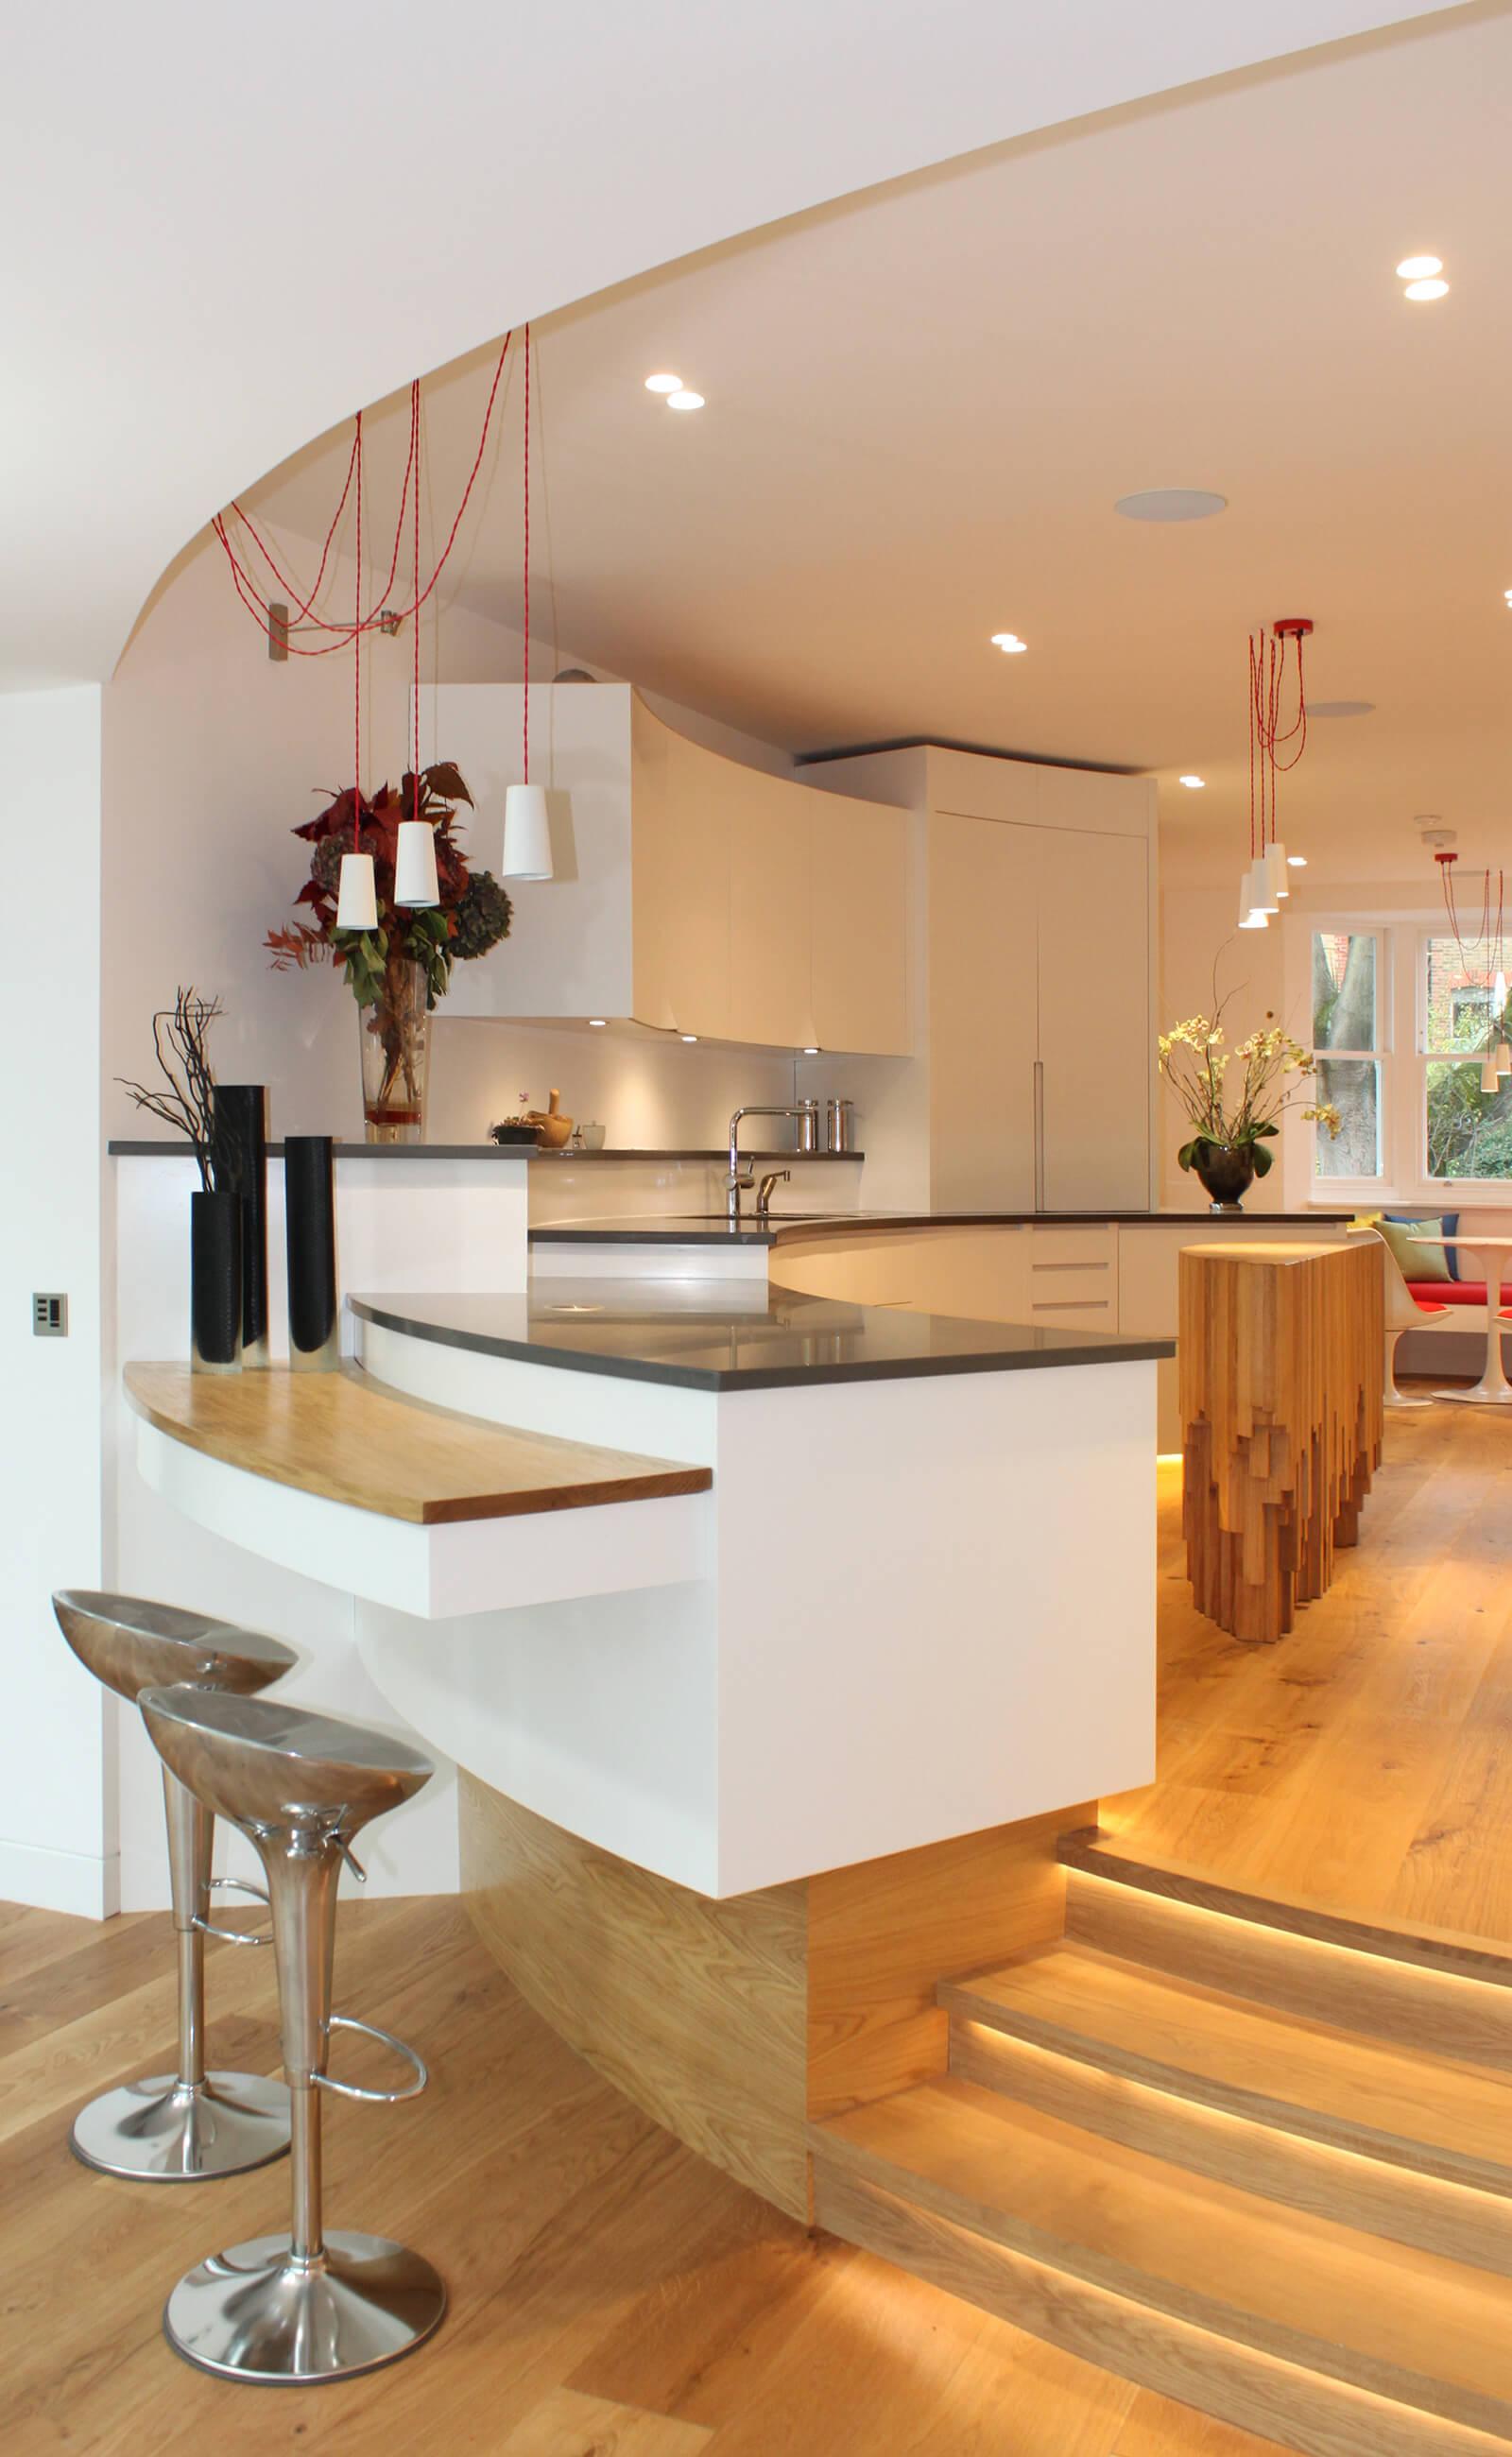 Modern kitchen design over a split level with sculptural kitchen island.